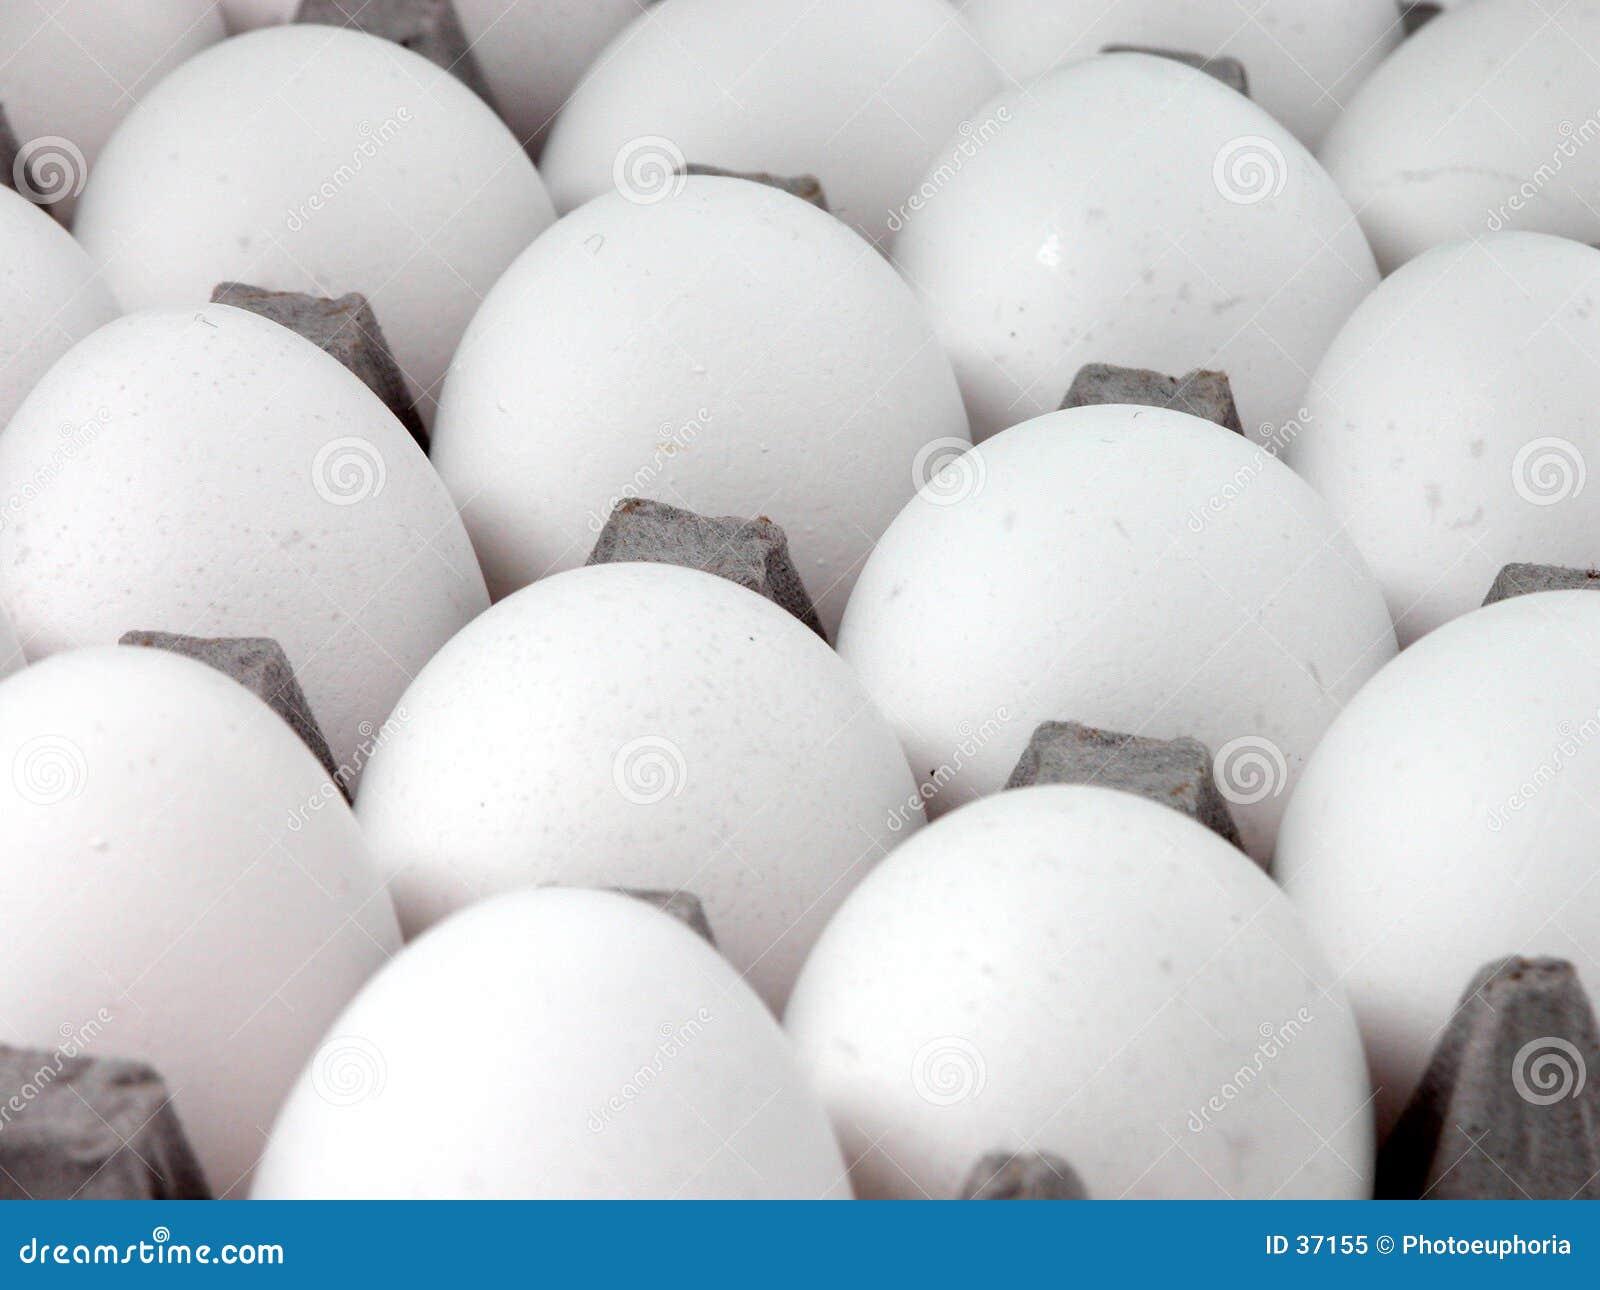 Nahrung: Eier